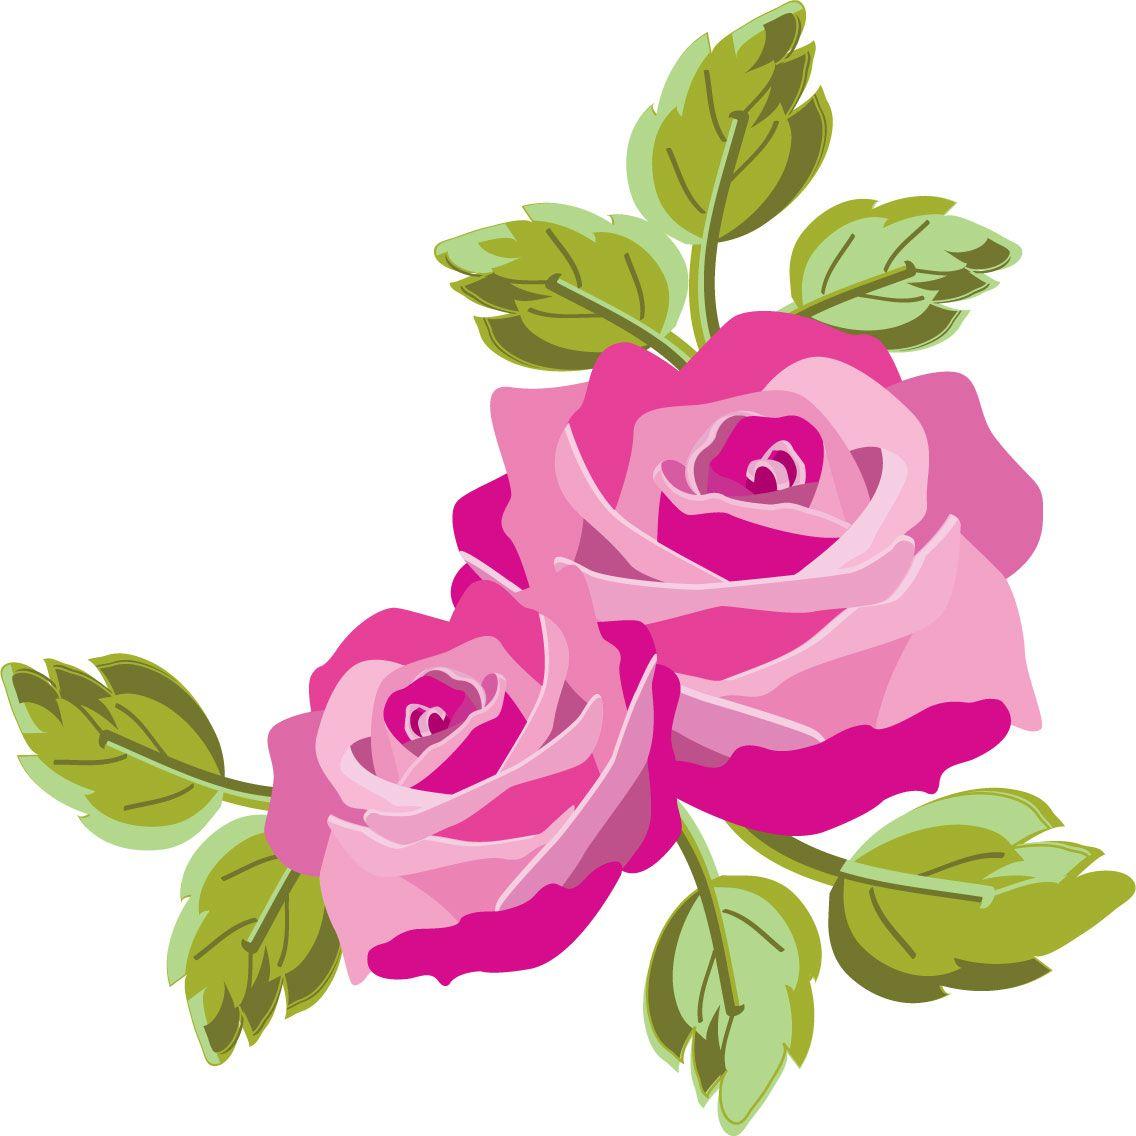 バラの画像 イラスト フリー素材 No 322 赤紫のバラ 葉 フラワーアート 薔薇イラスト 花 描き方